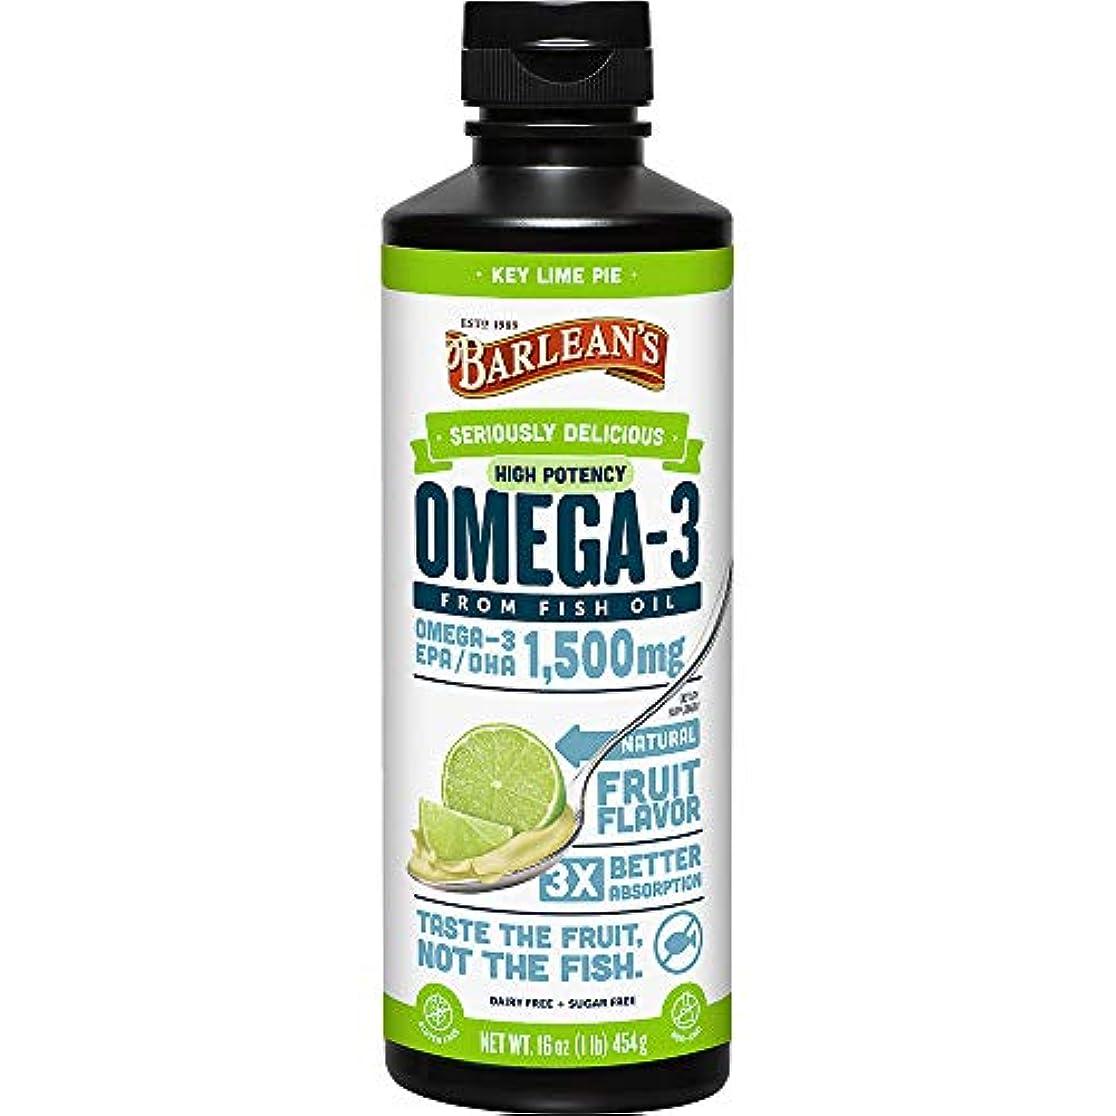 絶滅させる誠実さ成長Barlean's - Omegaの渦巻の魚オイルの超高い潜在的能力Key石灰 1500 mg。16ポンド